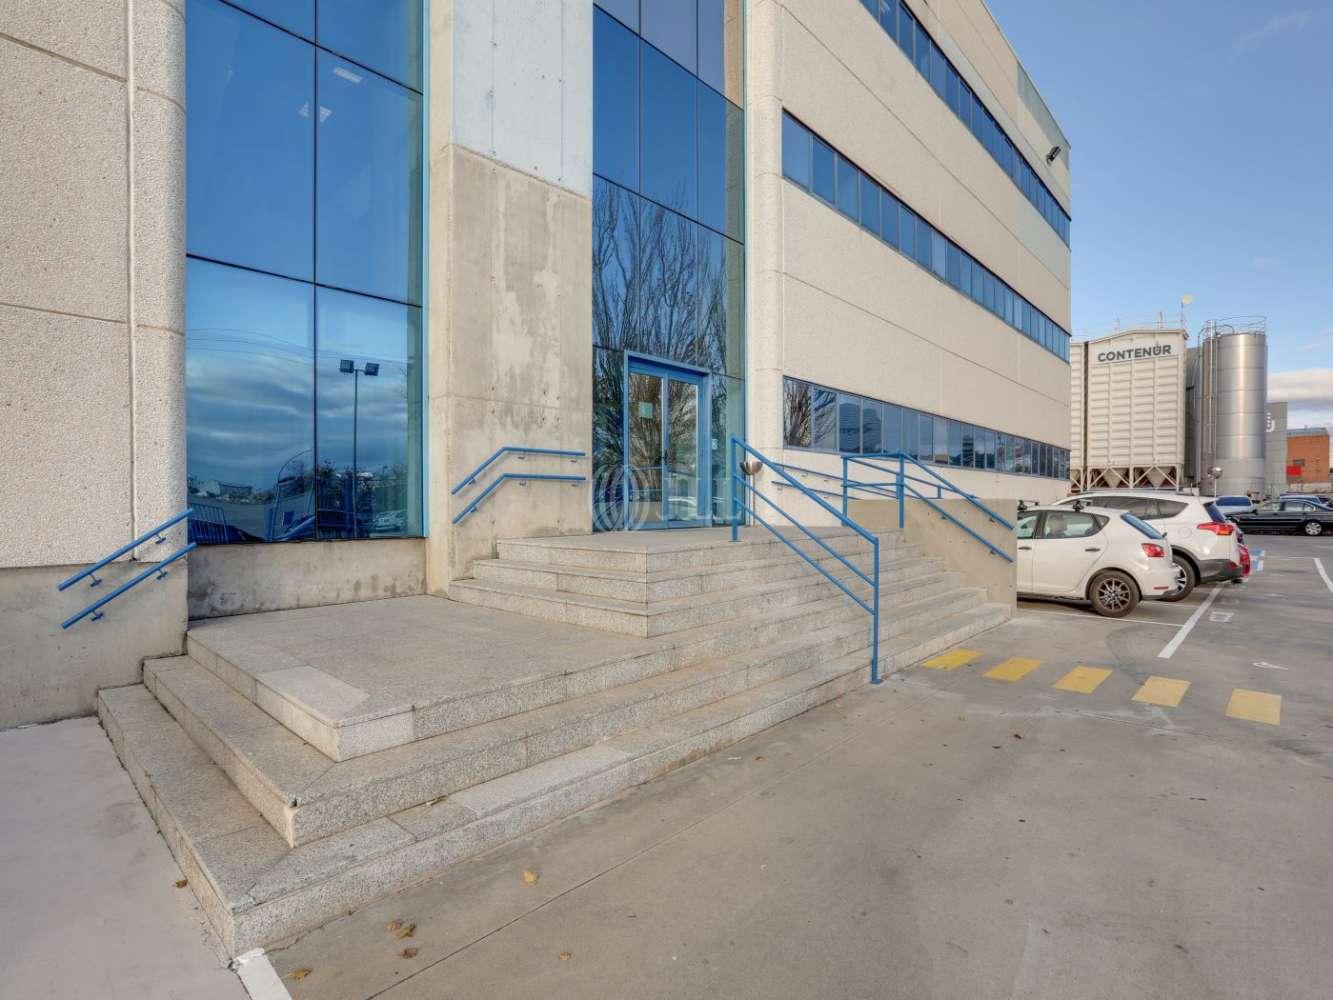 Naves industriales y logísticas Getafe, 28906 - M0392 NAVE LOGISTICA ALQUILER P.I SAN MARCOS GETAFE P3